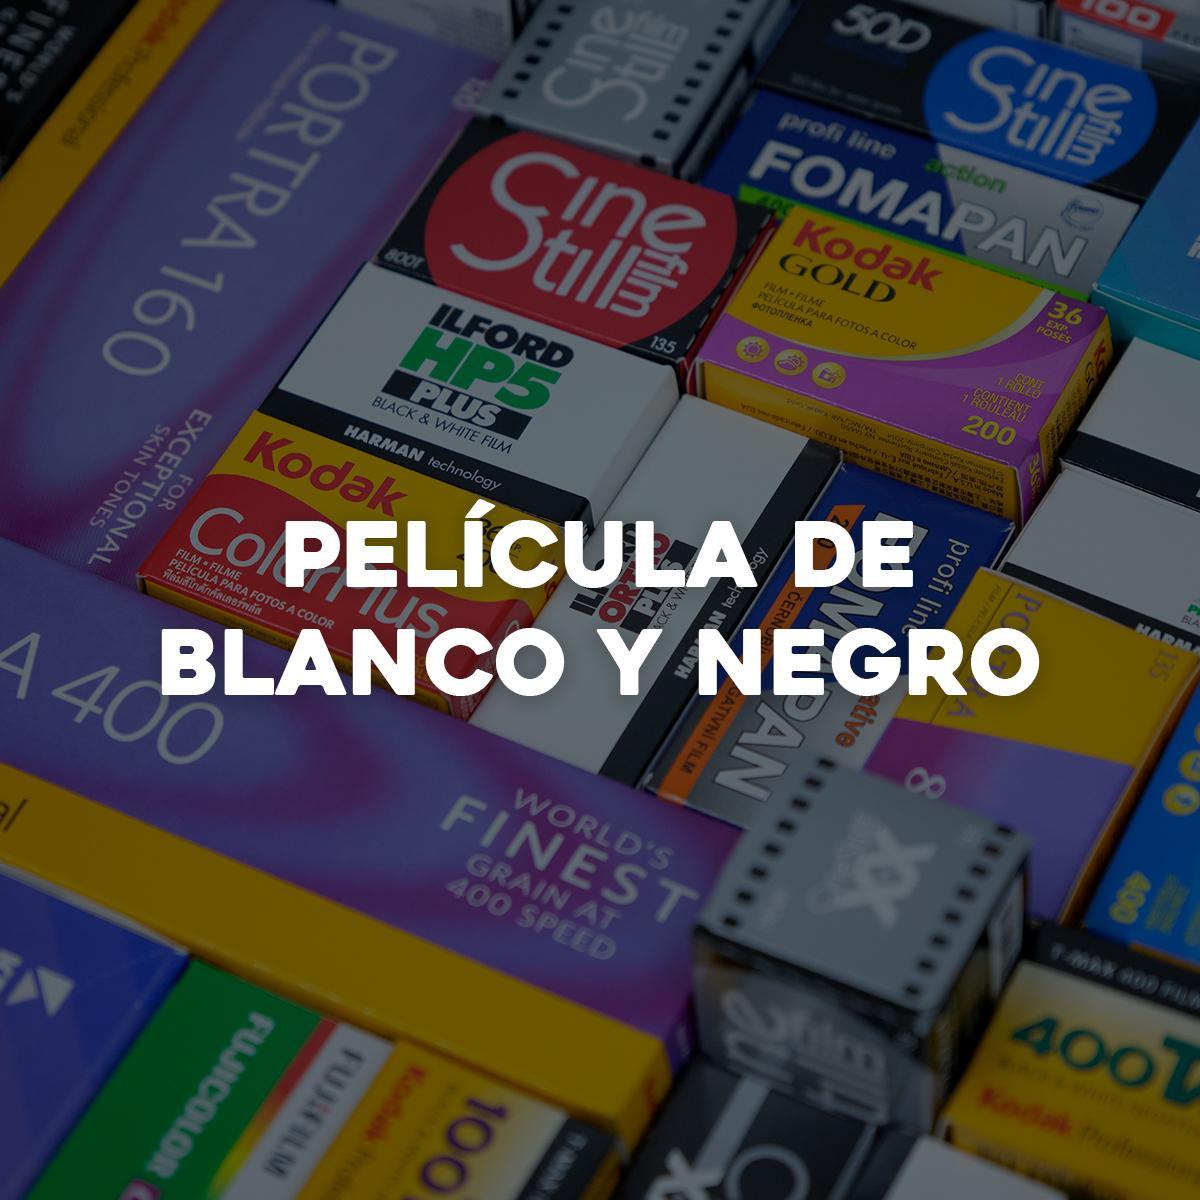 pel·lícula de blanc i negre